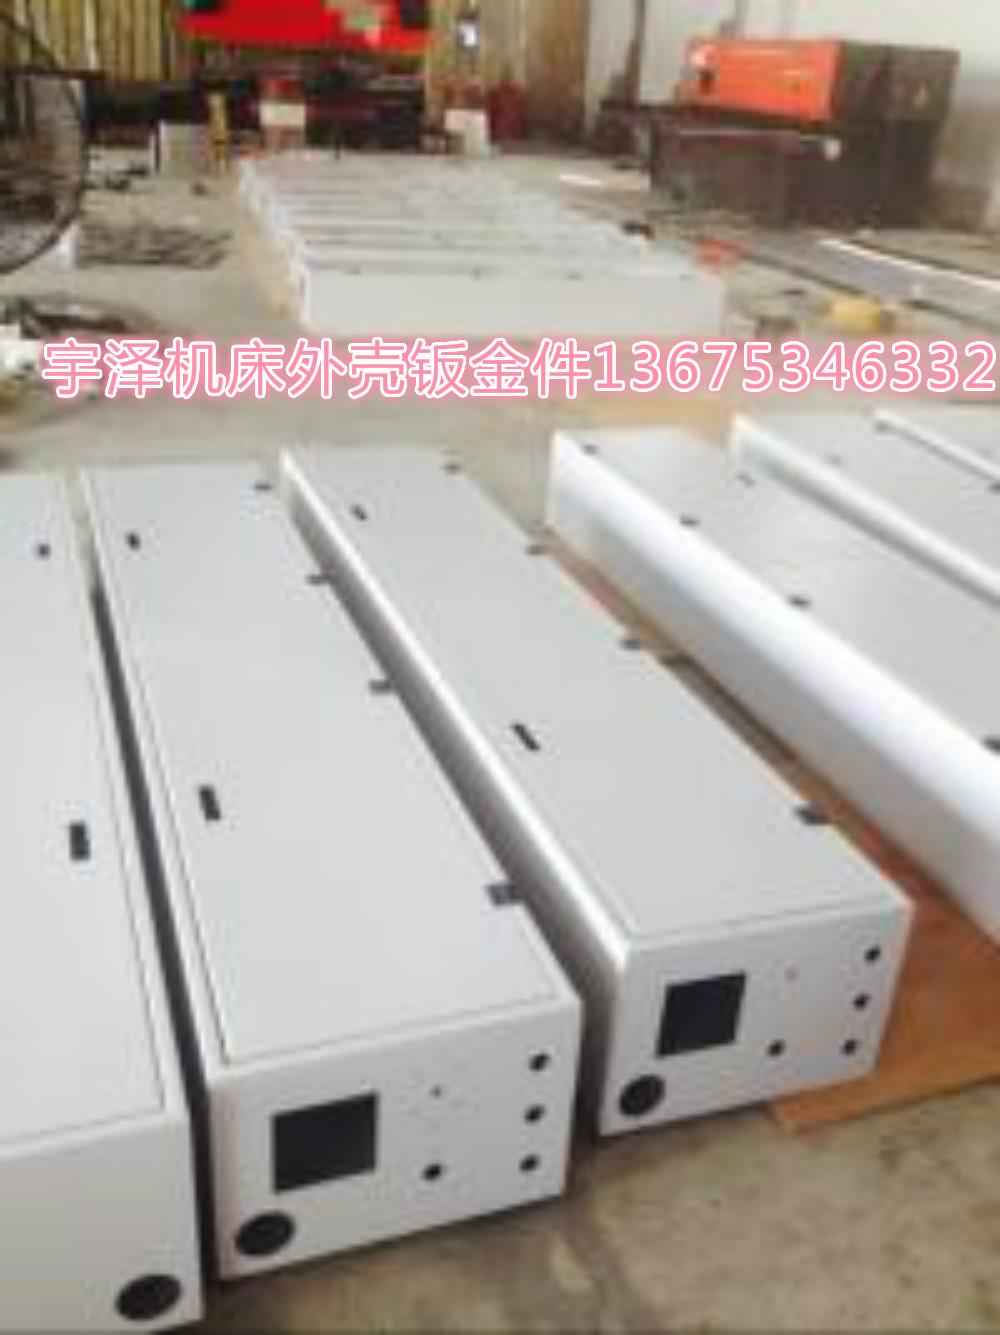 吴江钣金数控加工厂家 苏州可信赖的钣金加工厂在哪里... _移动站